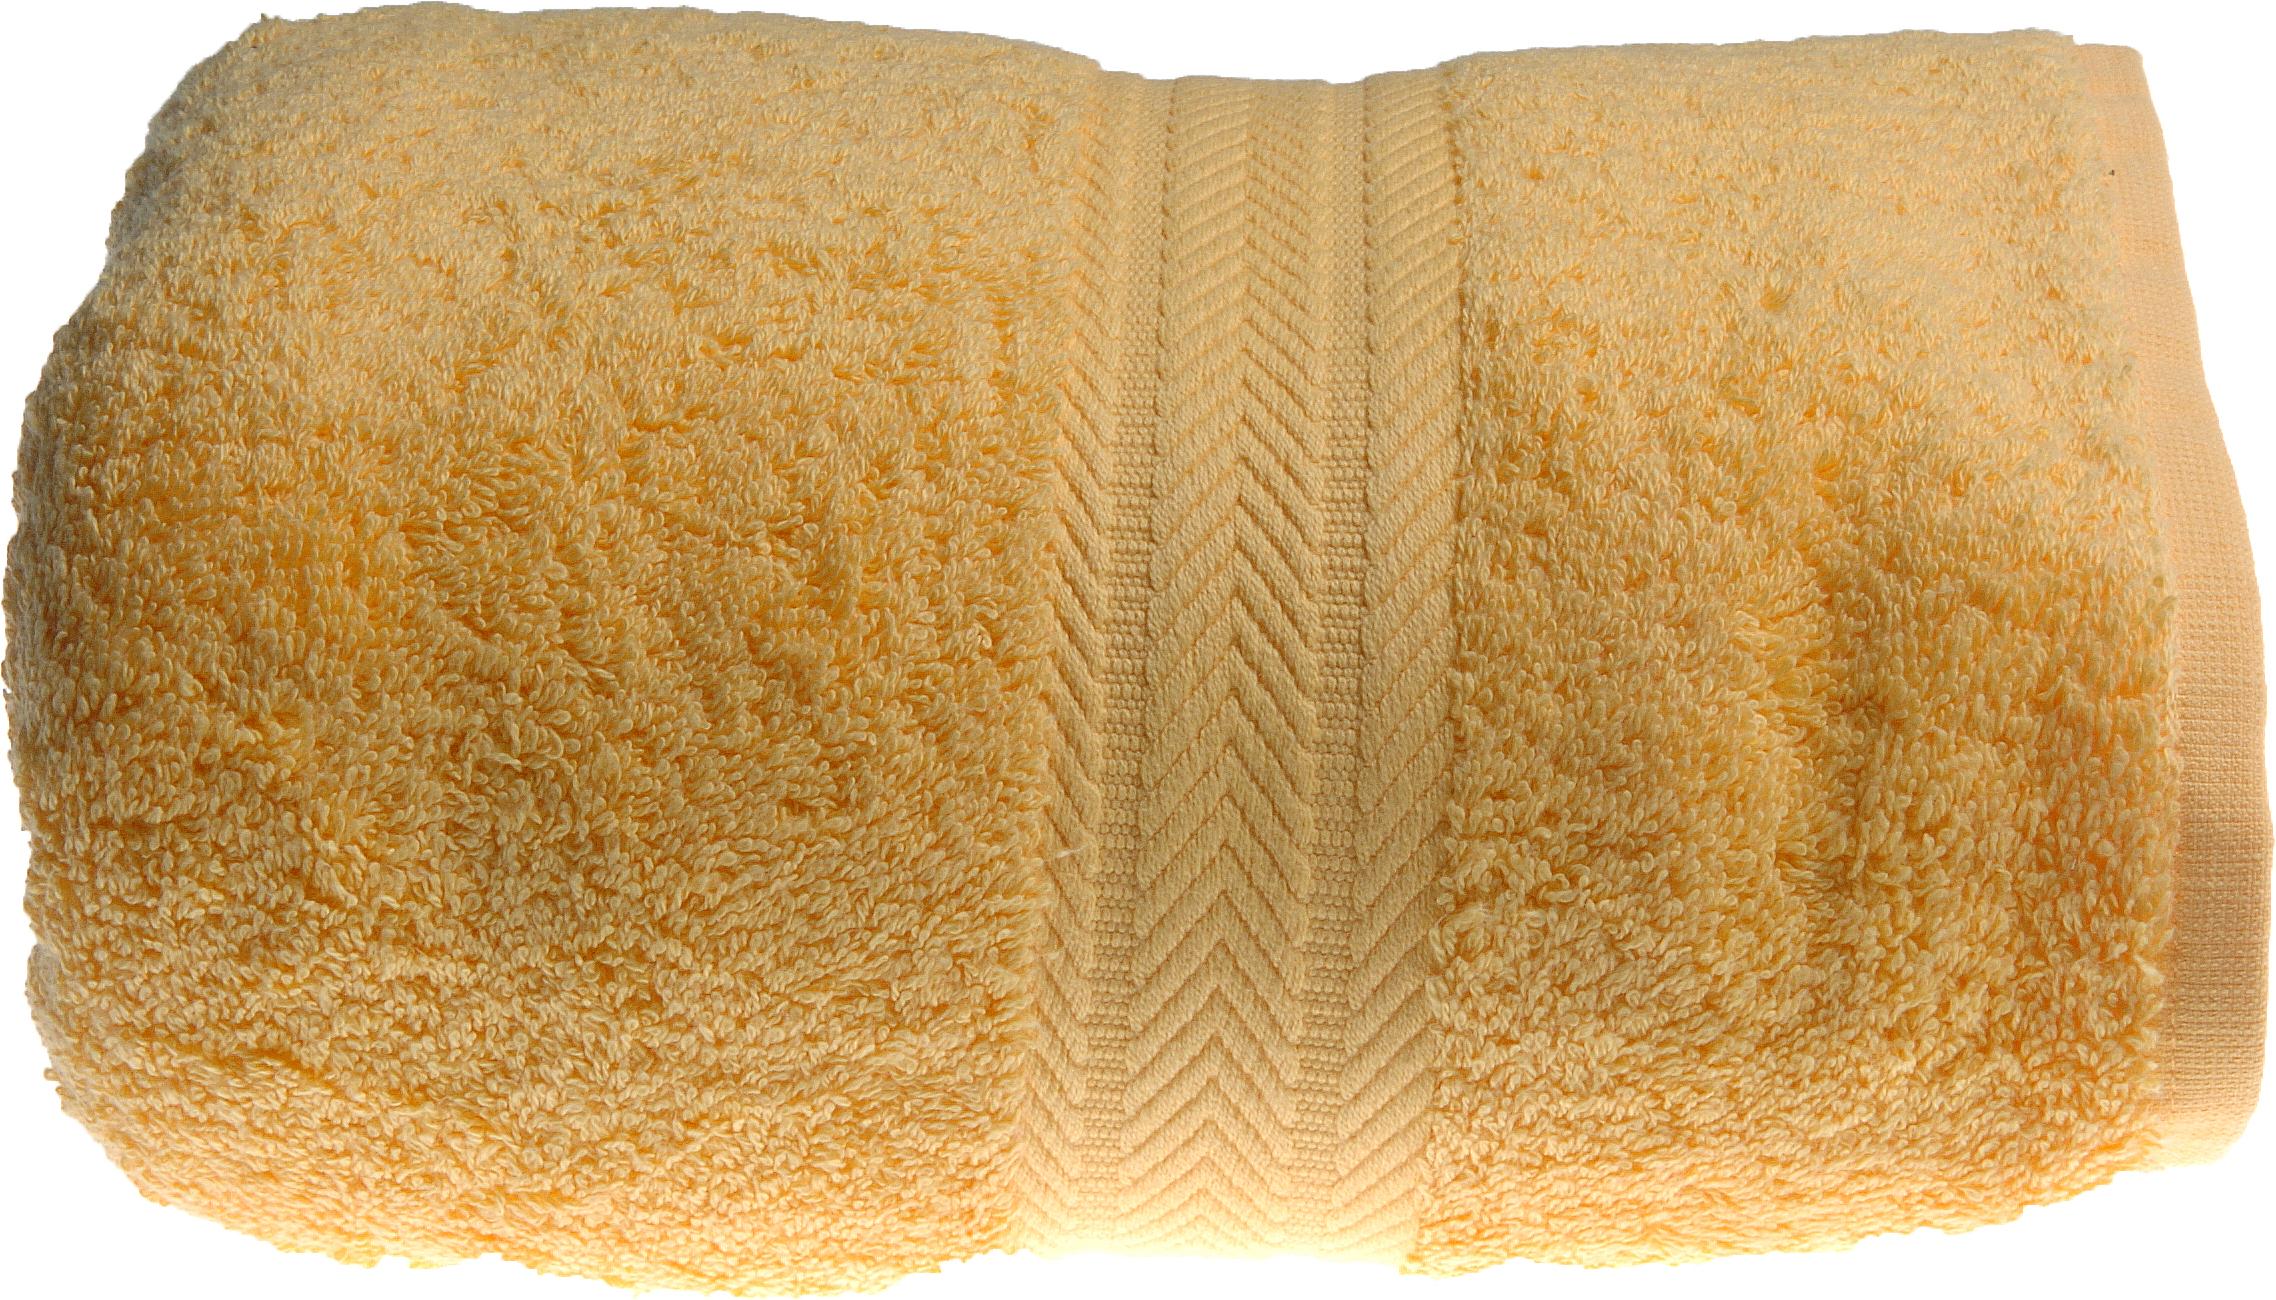 Serviette de toilette 50 x 100 cm en Coton couleur Bouton d'or (Bouton D'Or)